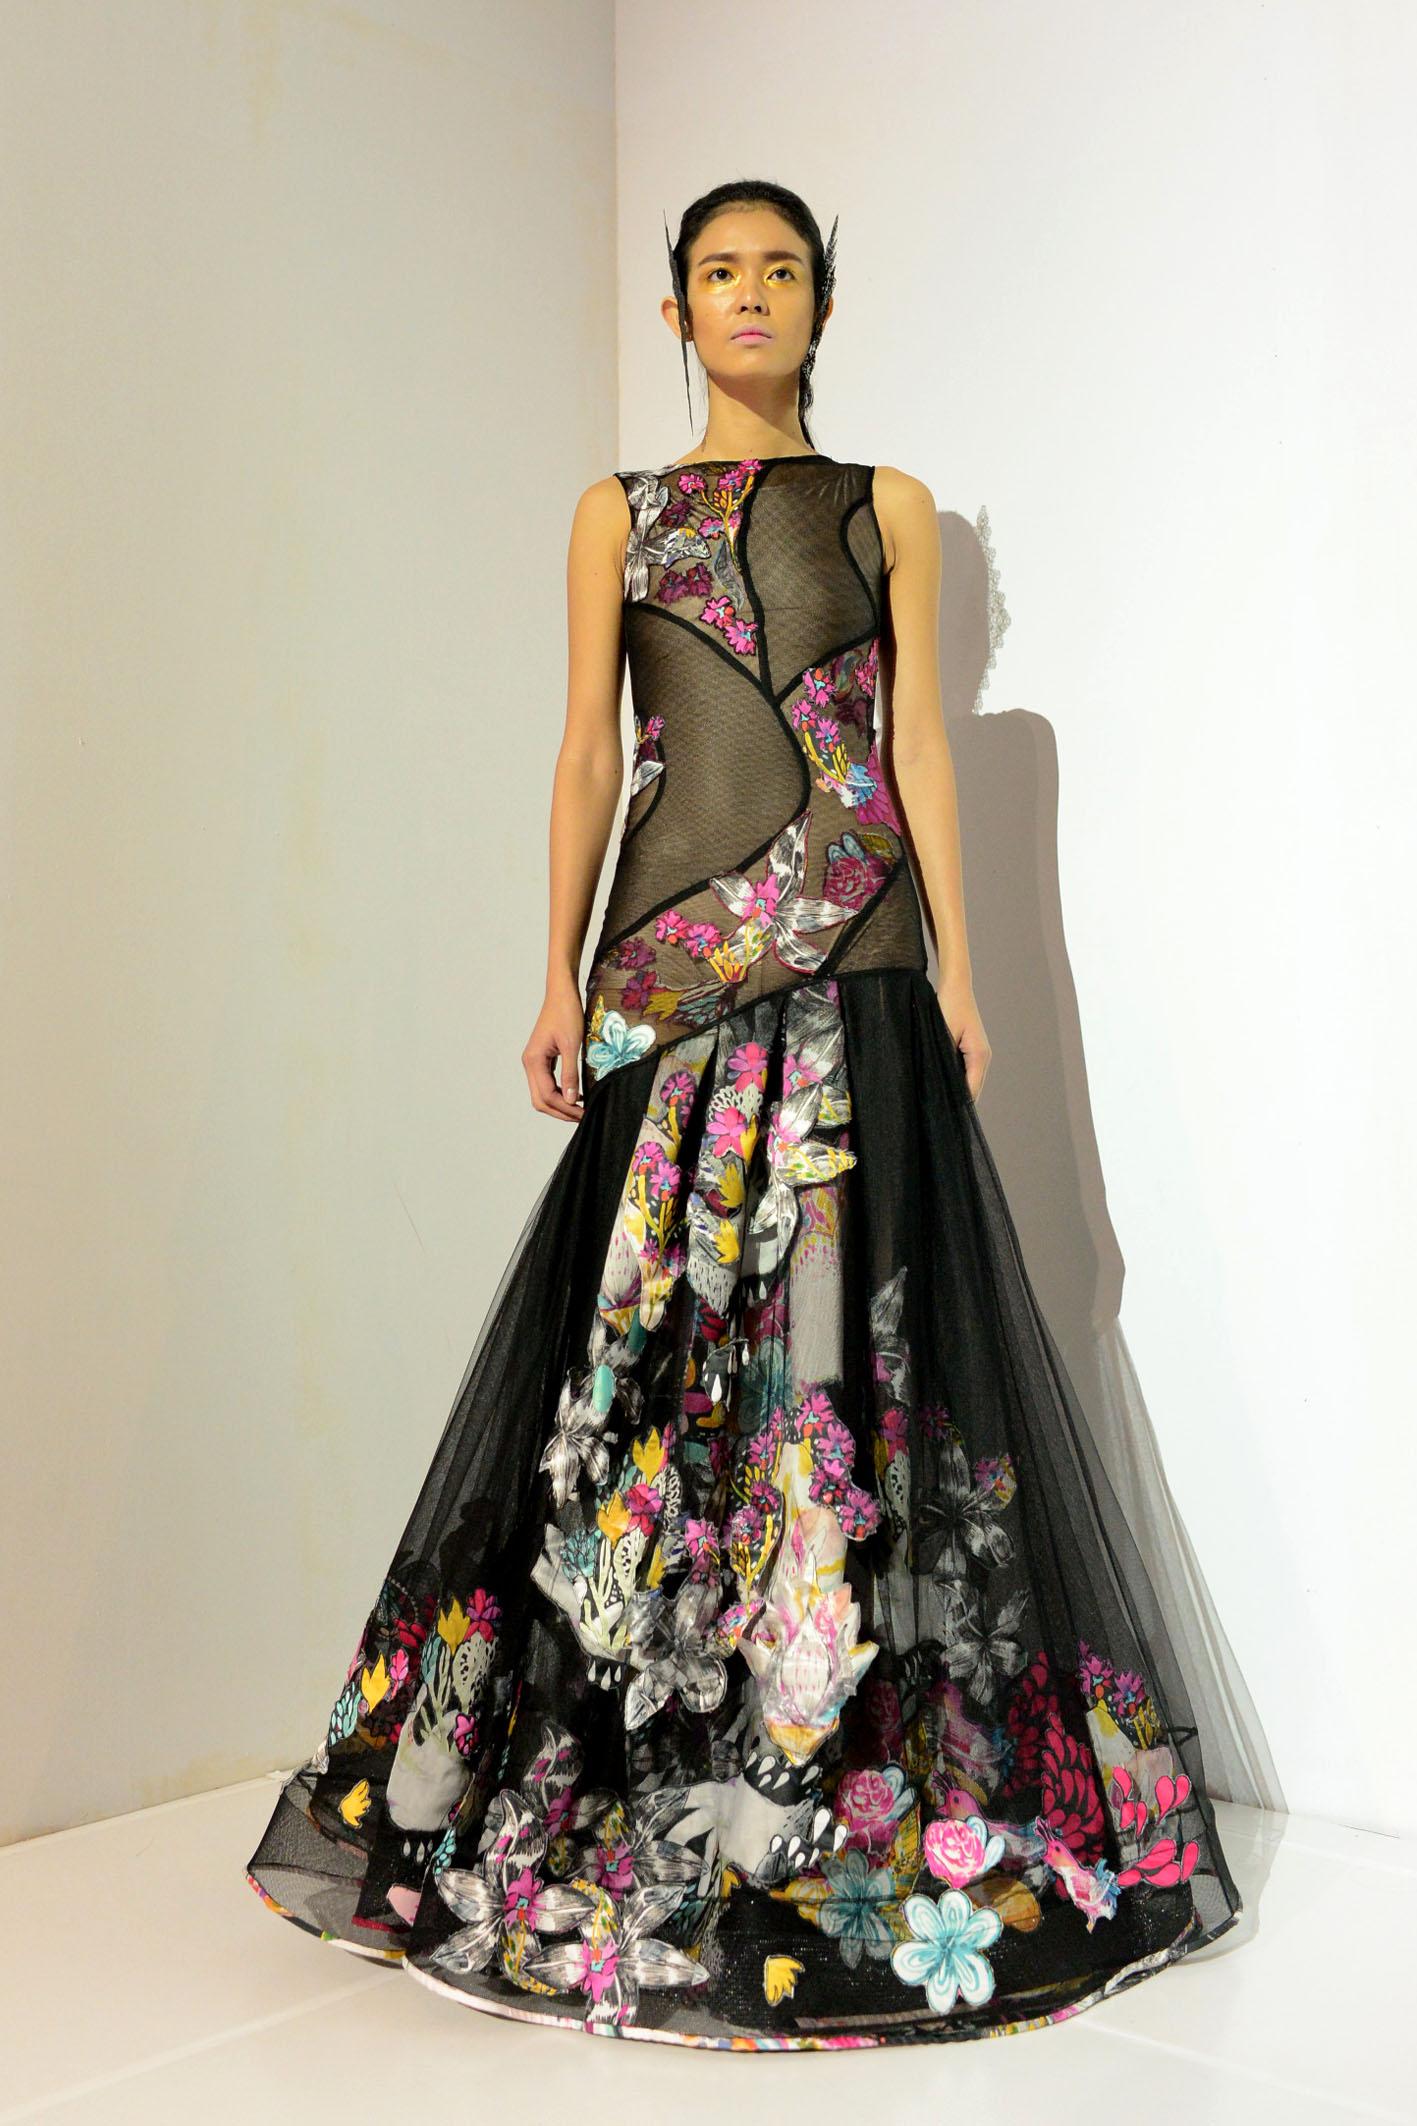 mel-ahyar_indonesion-fashion-delegation-2